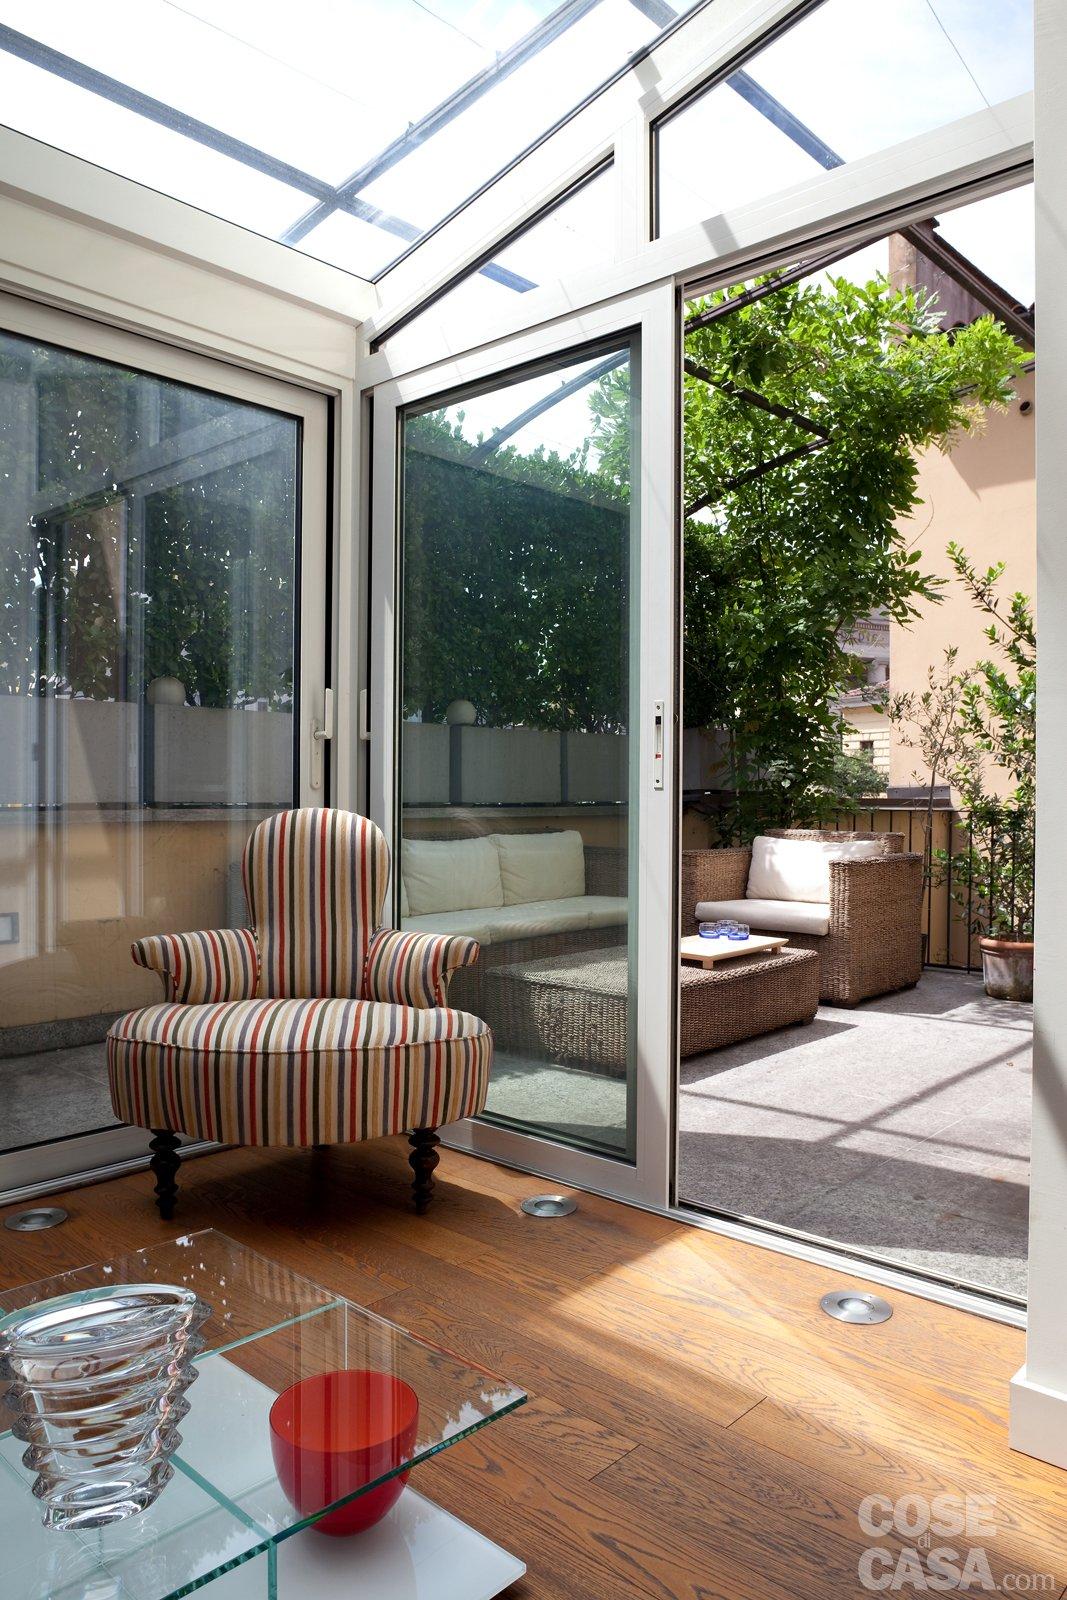 Veranda Che Serramento Scegliere Cose Di Casa #9A6931 1067 1600 Foto Di Cucine In Pietra